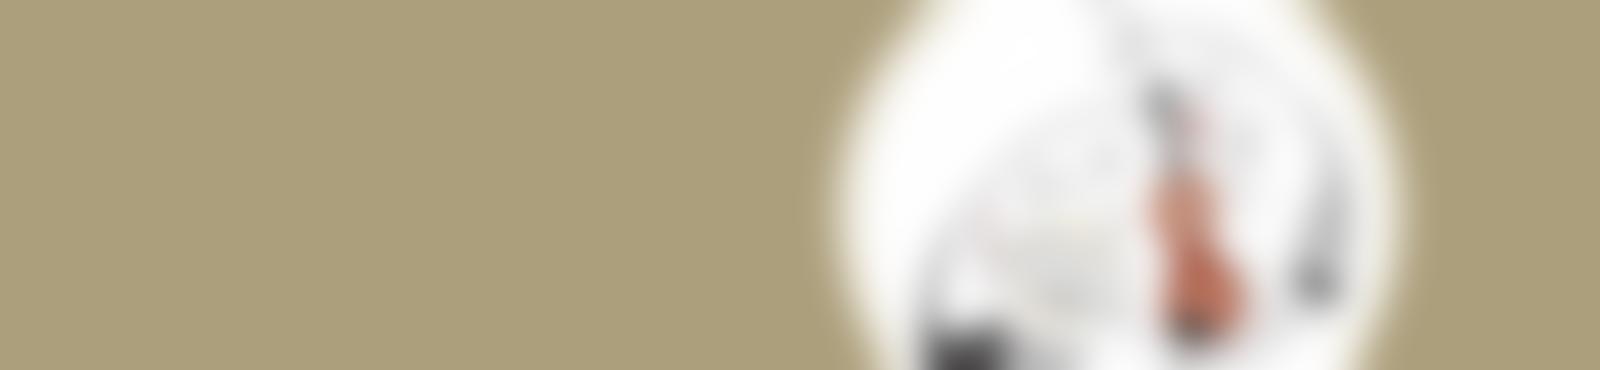 Blurred c9de08f3 97a2 4998 97b2 1ef149f4c95b